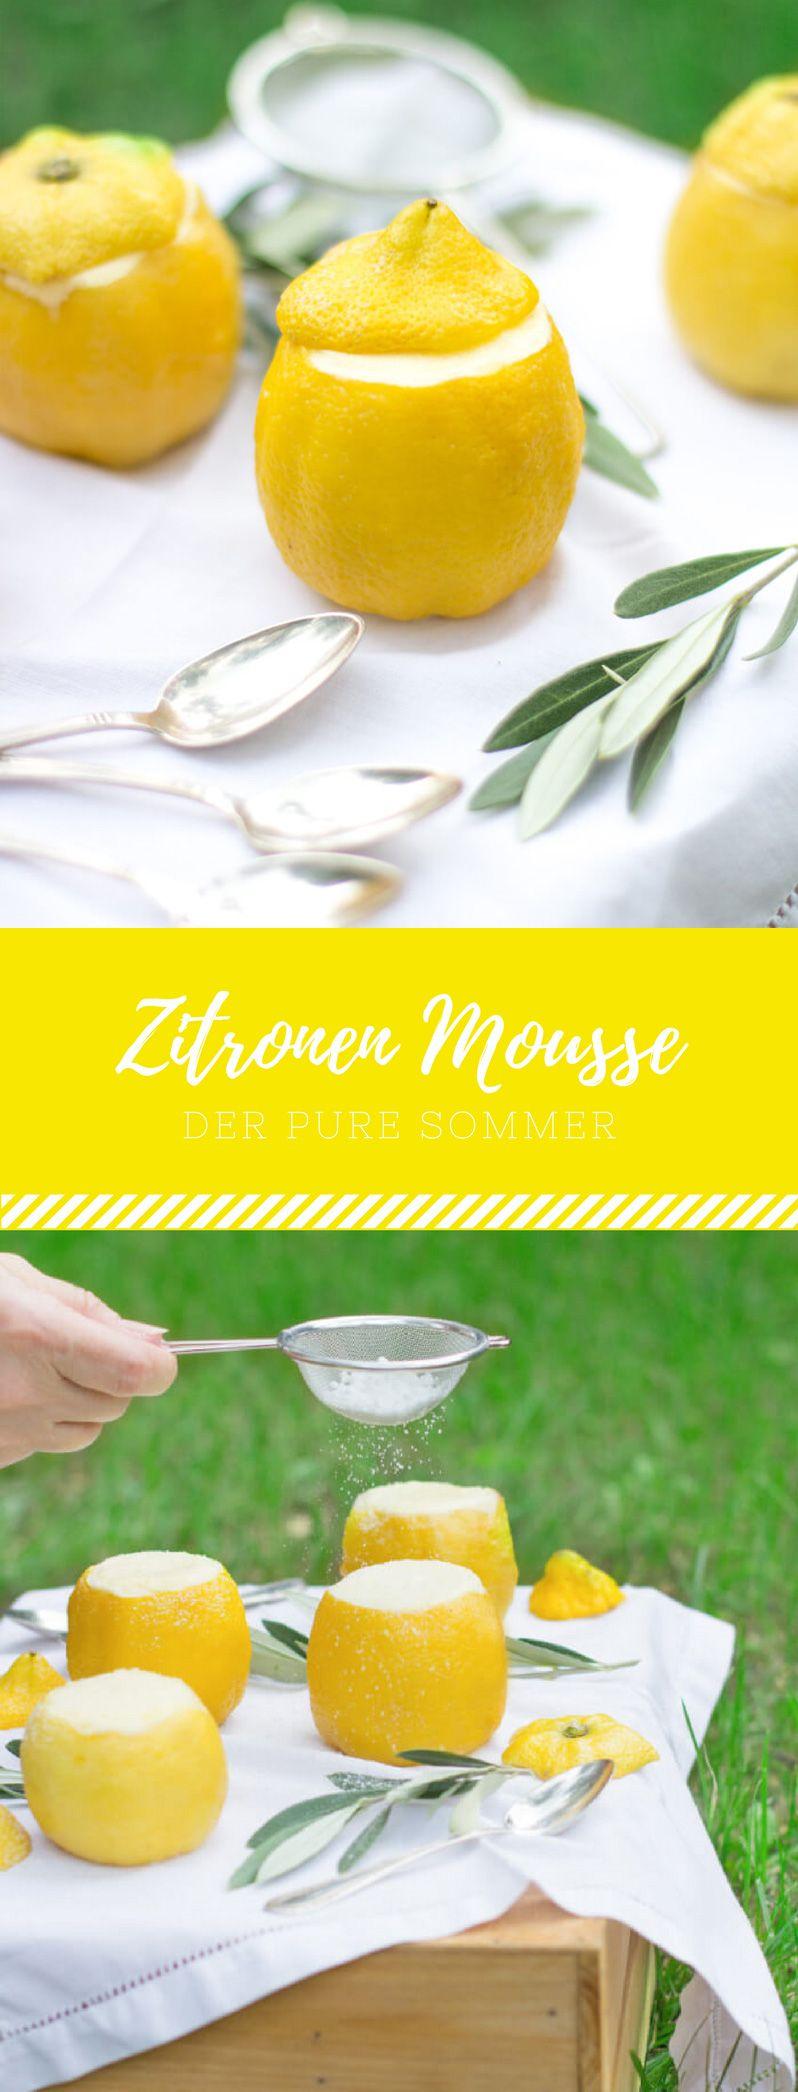 Zitronen Mousse ist das beste Dessert für den Sommer. Fruchtig und leicht ist es ein super einfaches Rezept. #grilleddesserts